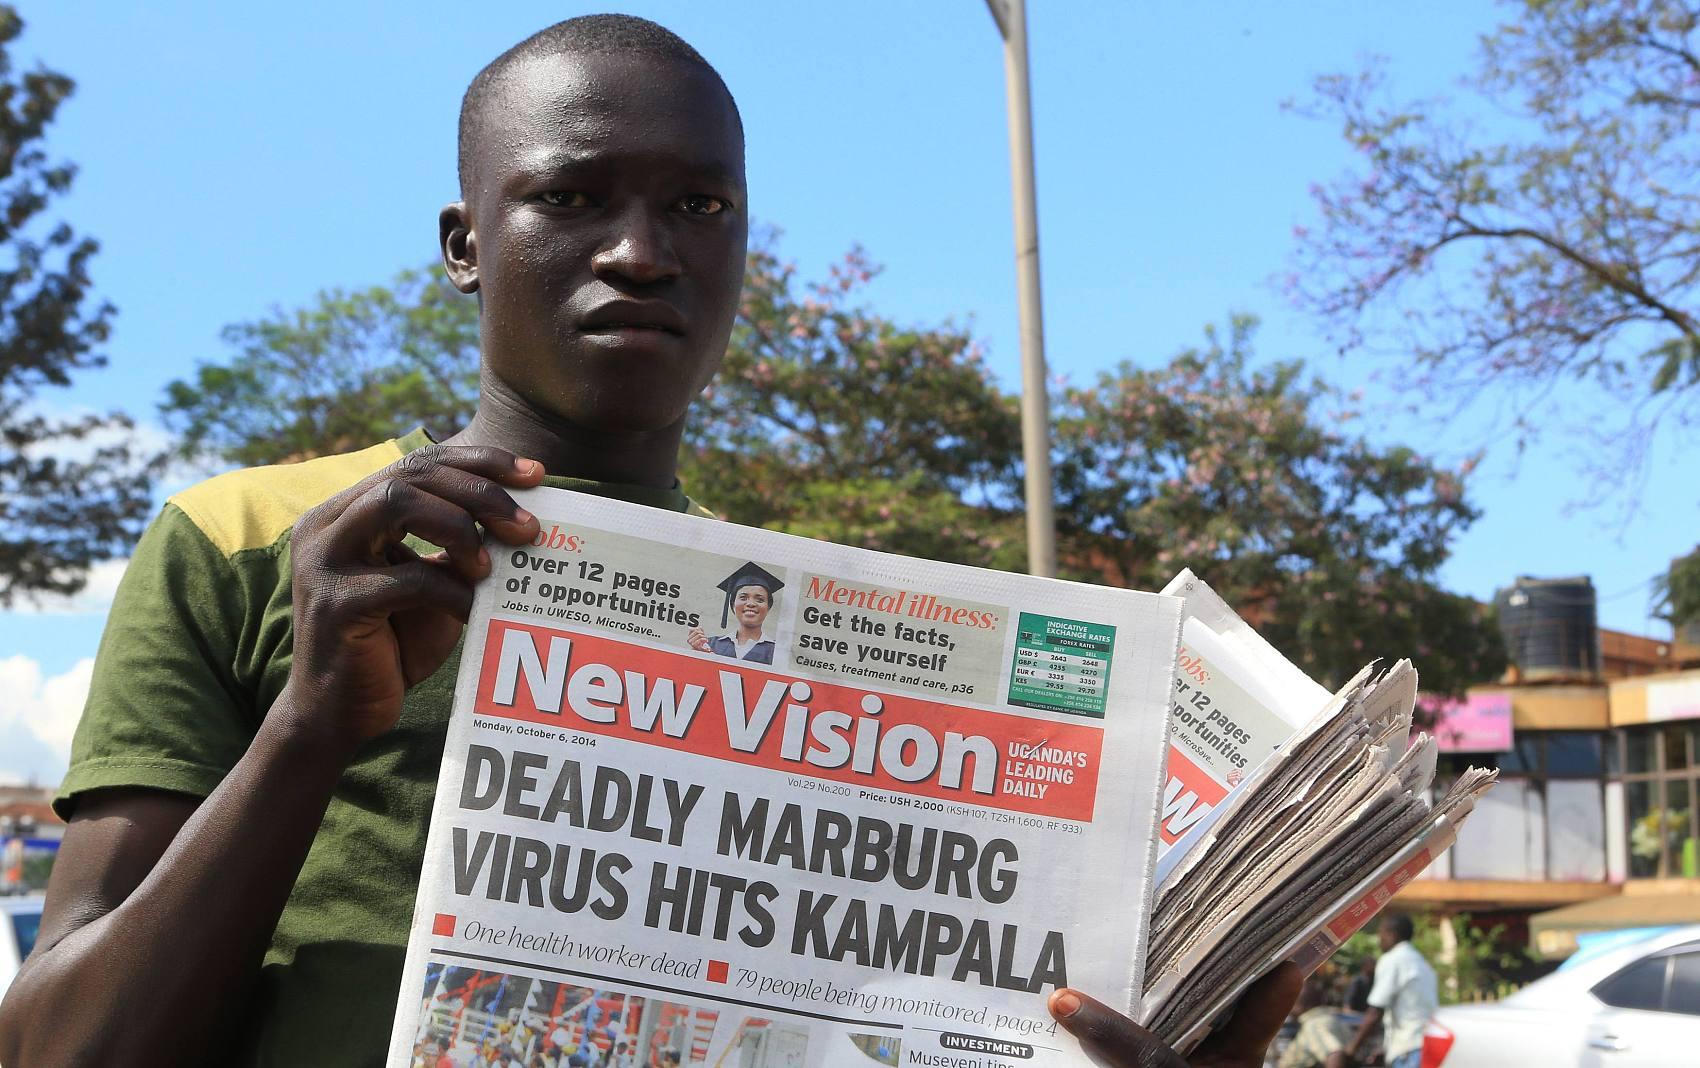 Uganda monitors deadly Marburg cases